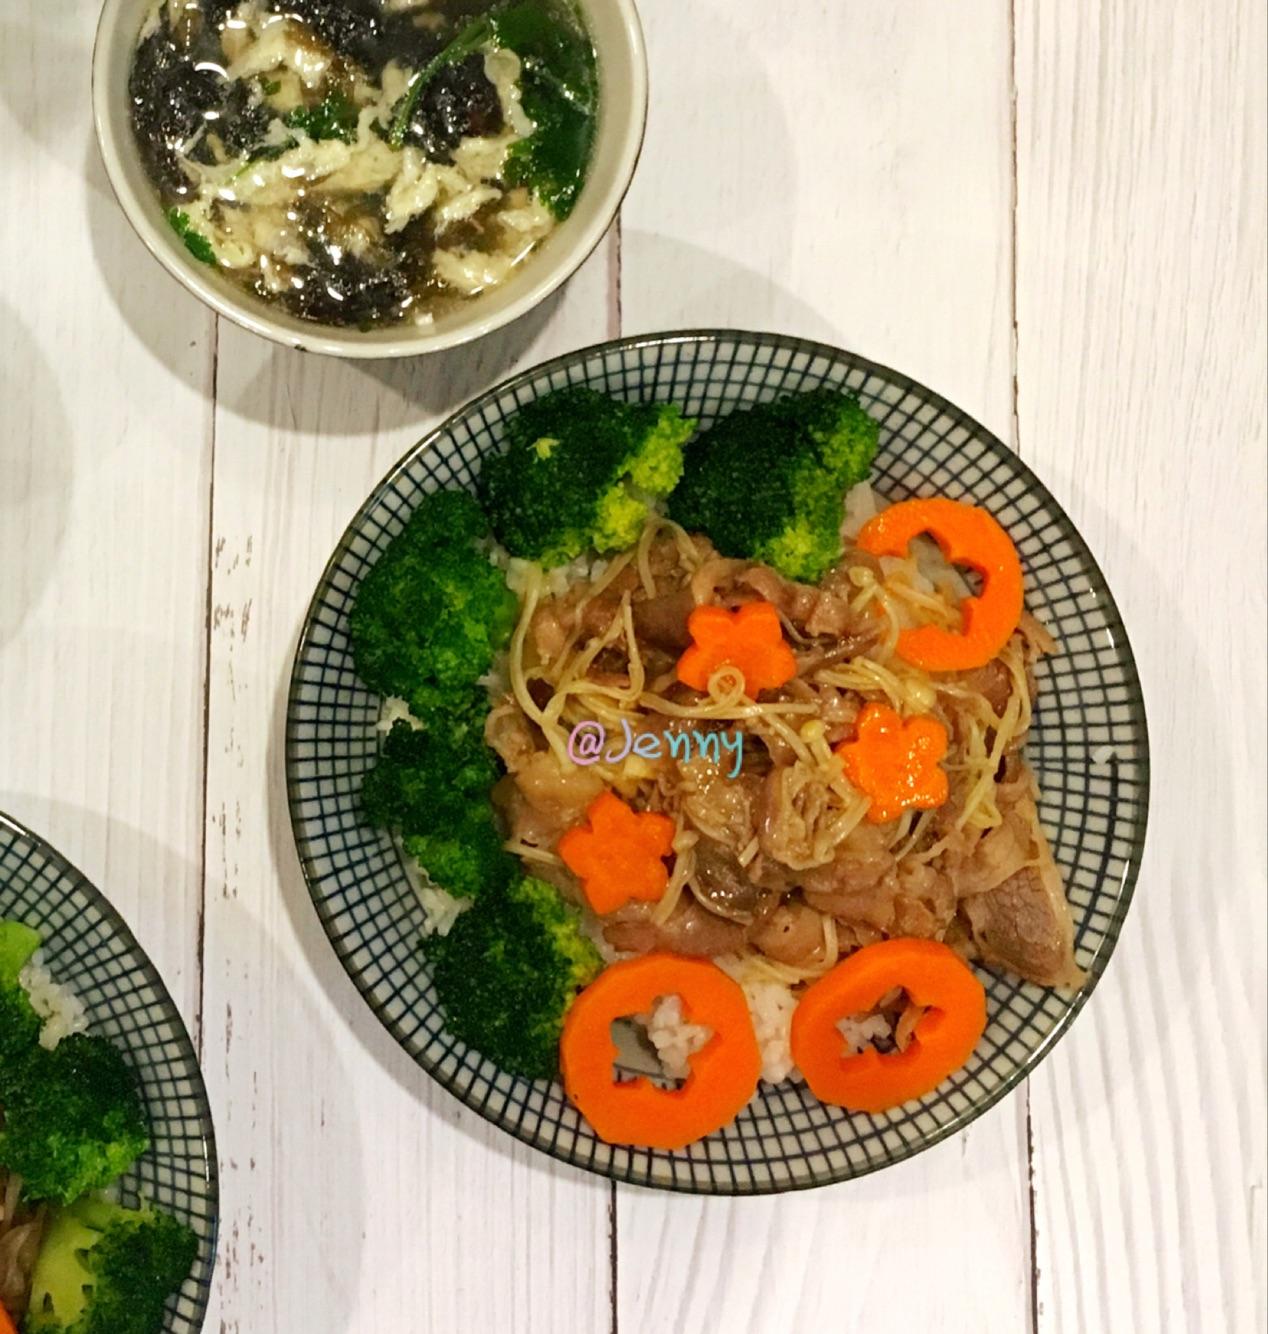 日式金针菇美食饭的菜谱_火锅_豆果肥牛固始县小做法自助肥牛图片